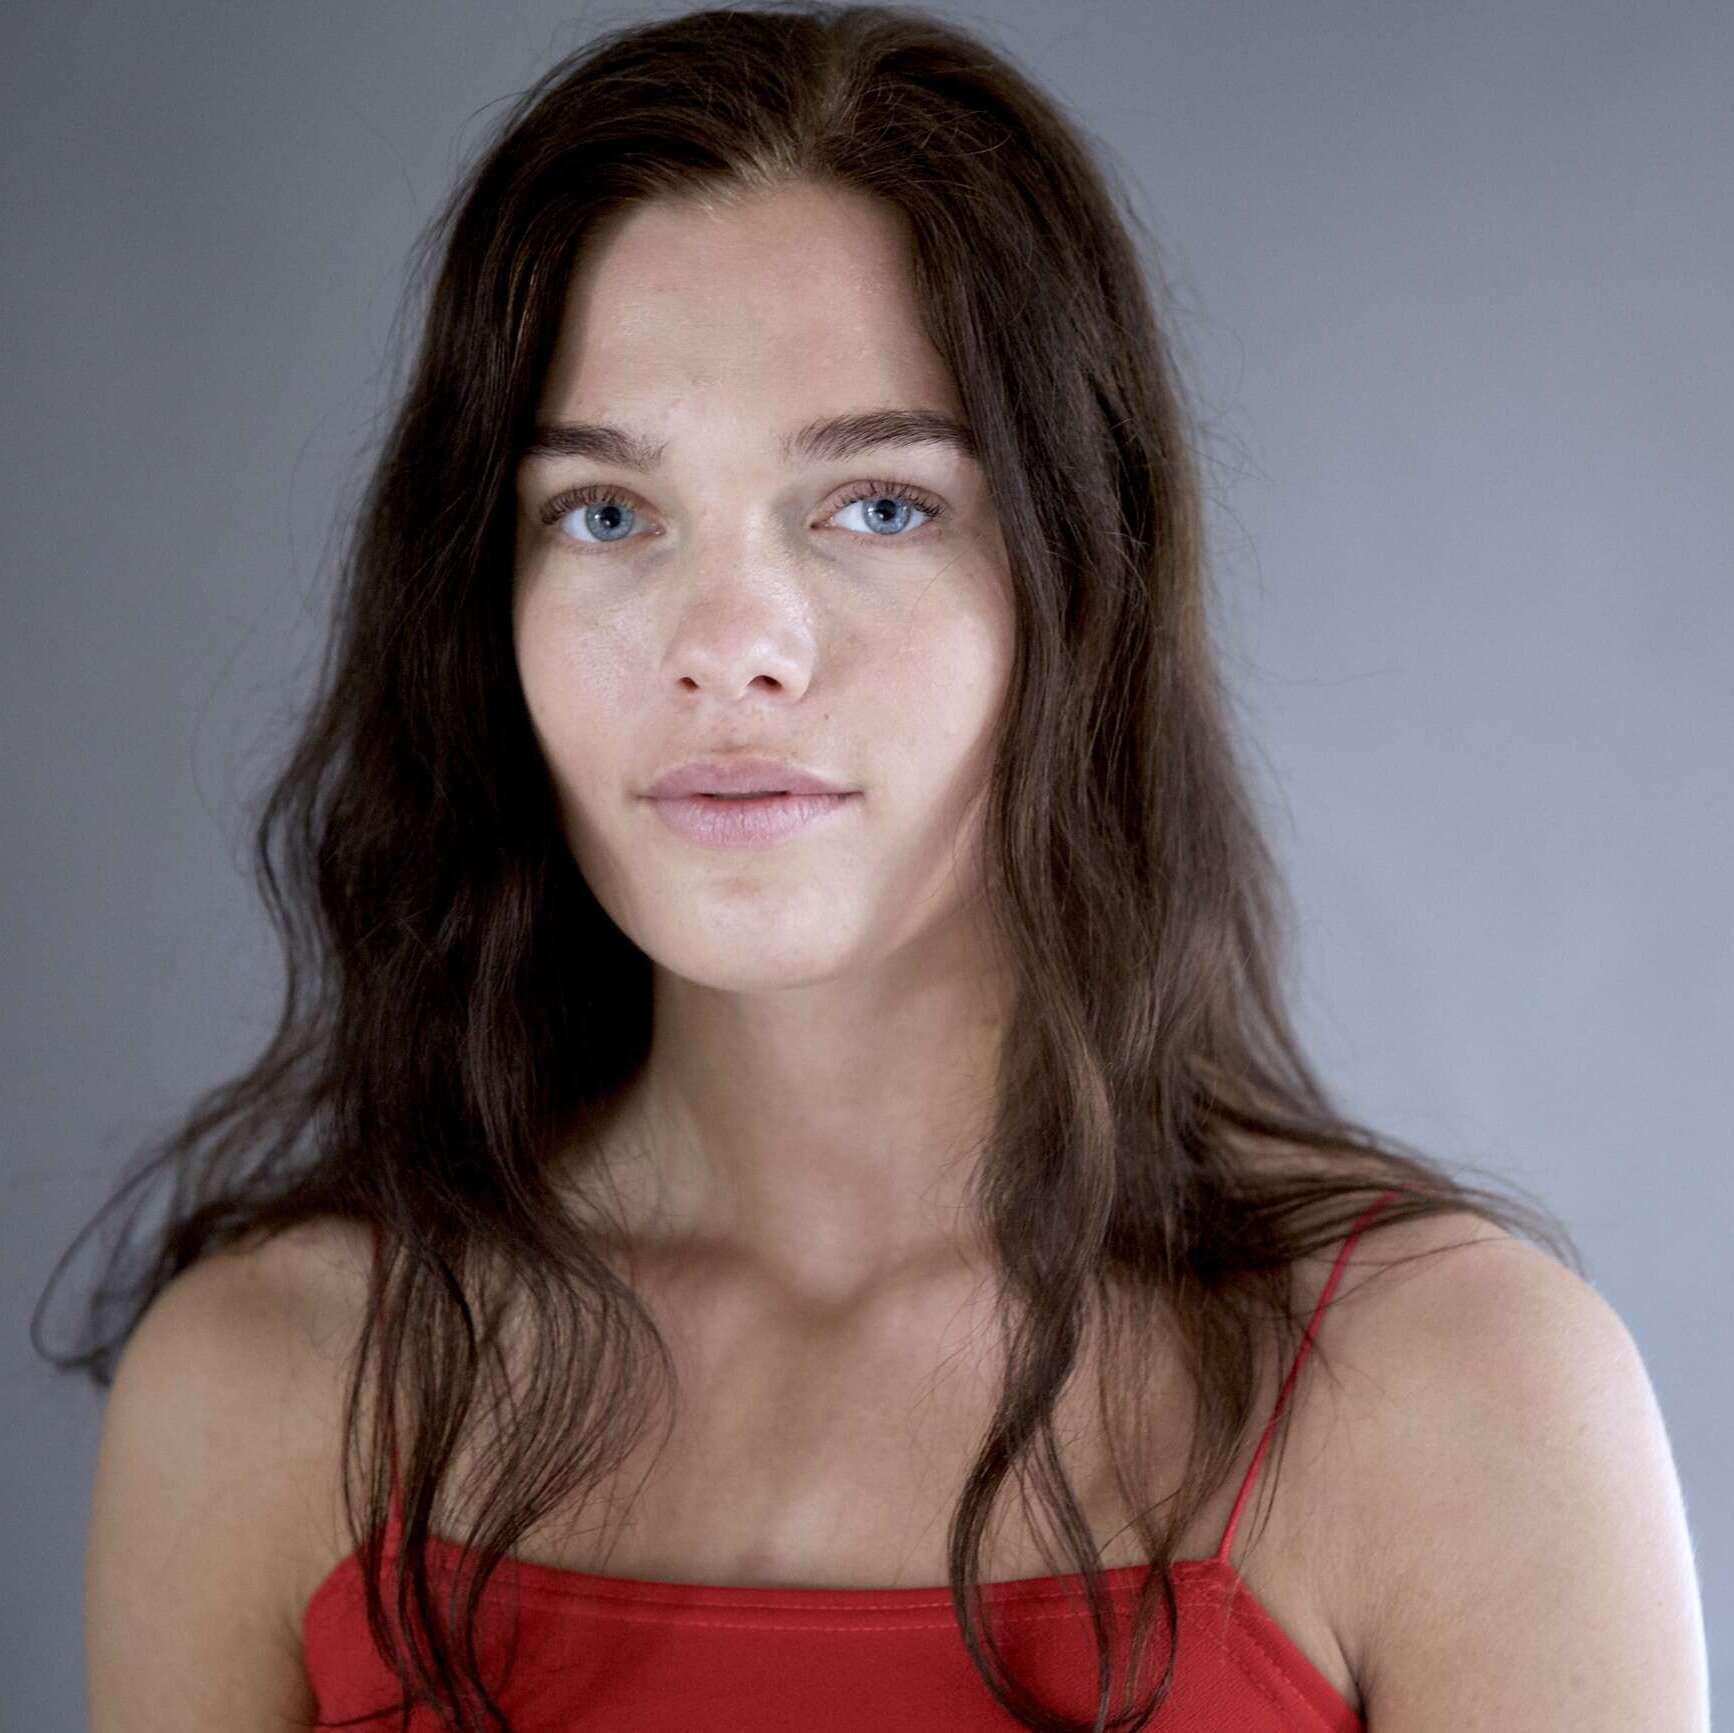 Amanda Svane